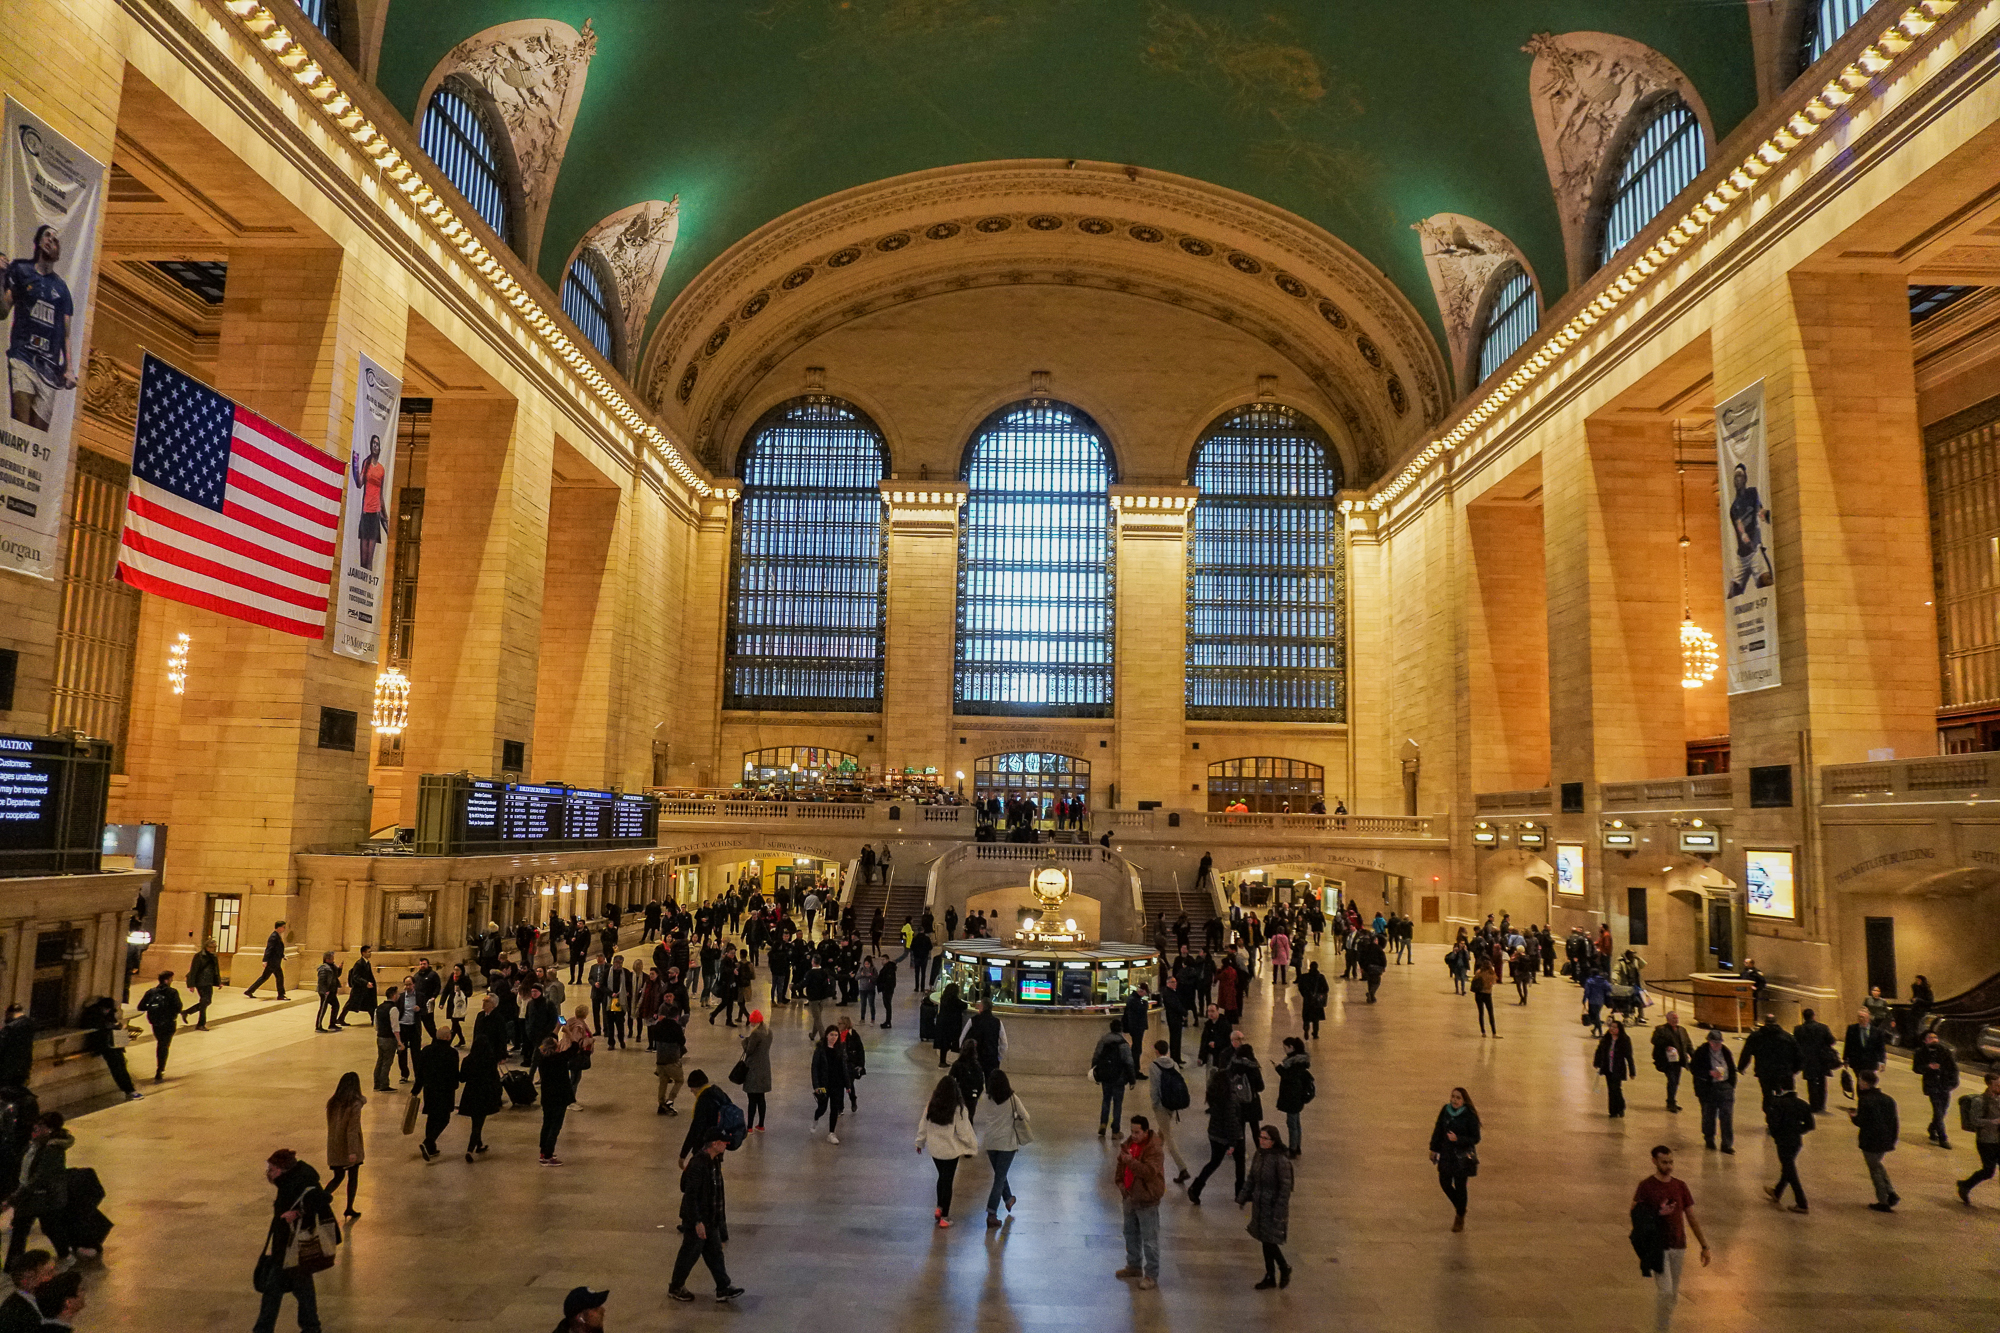 Foto do interior da estação Grand Central, em Nova York, com a cúpula alta pintada de verde e visitantes circulando